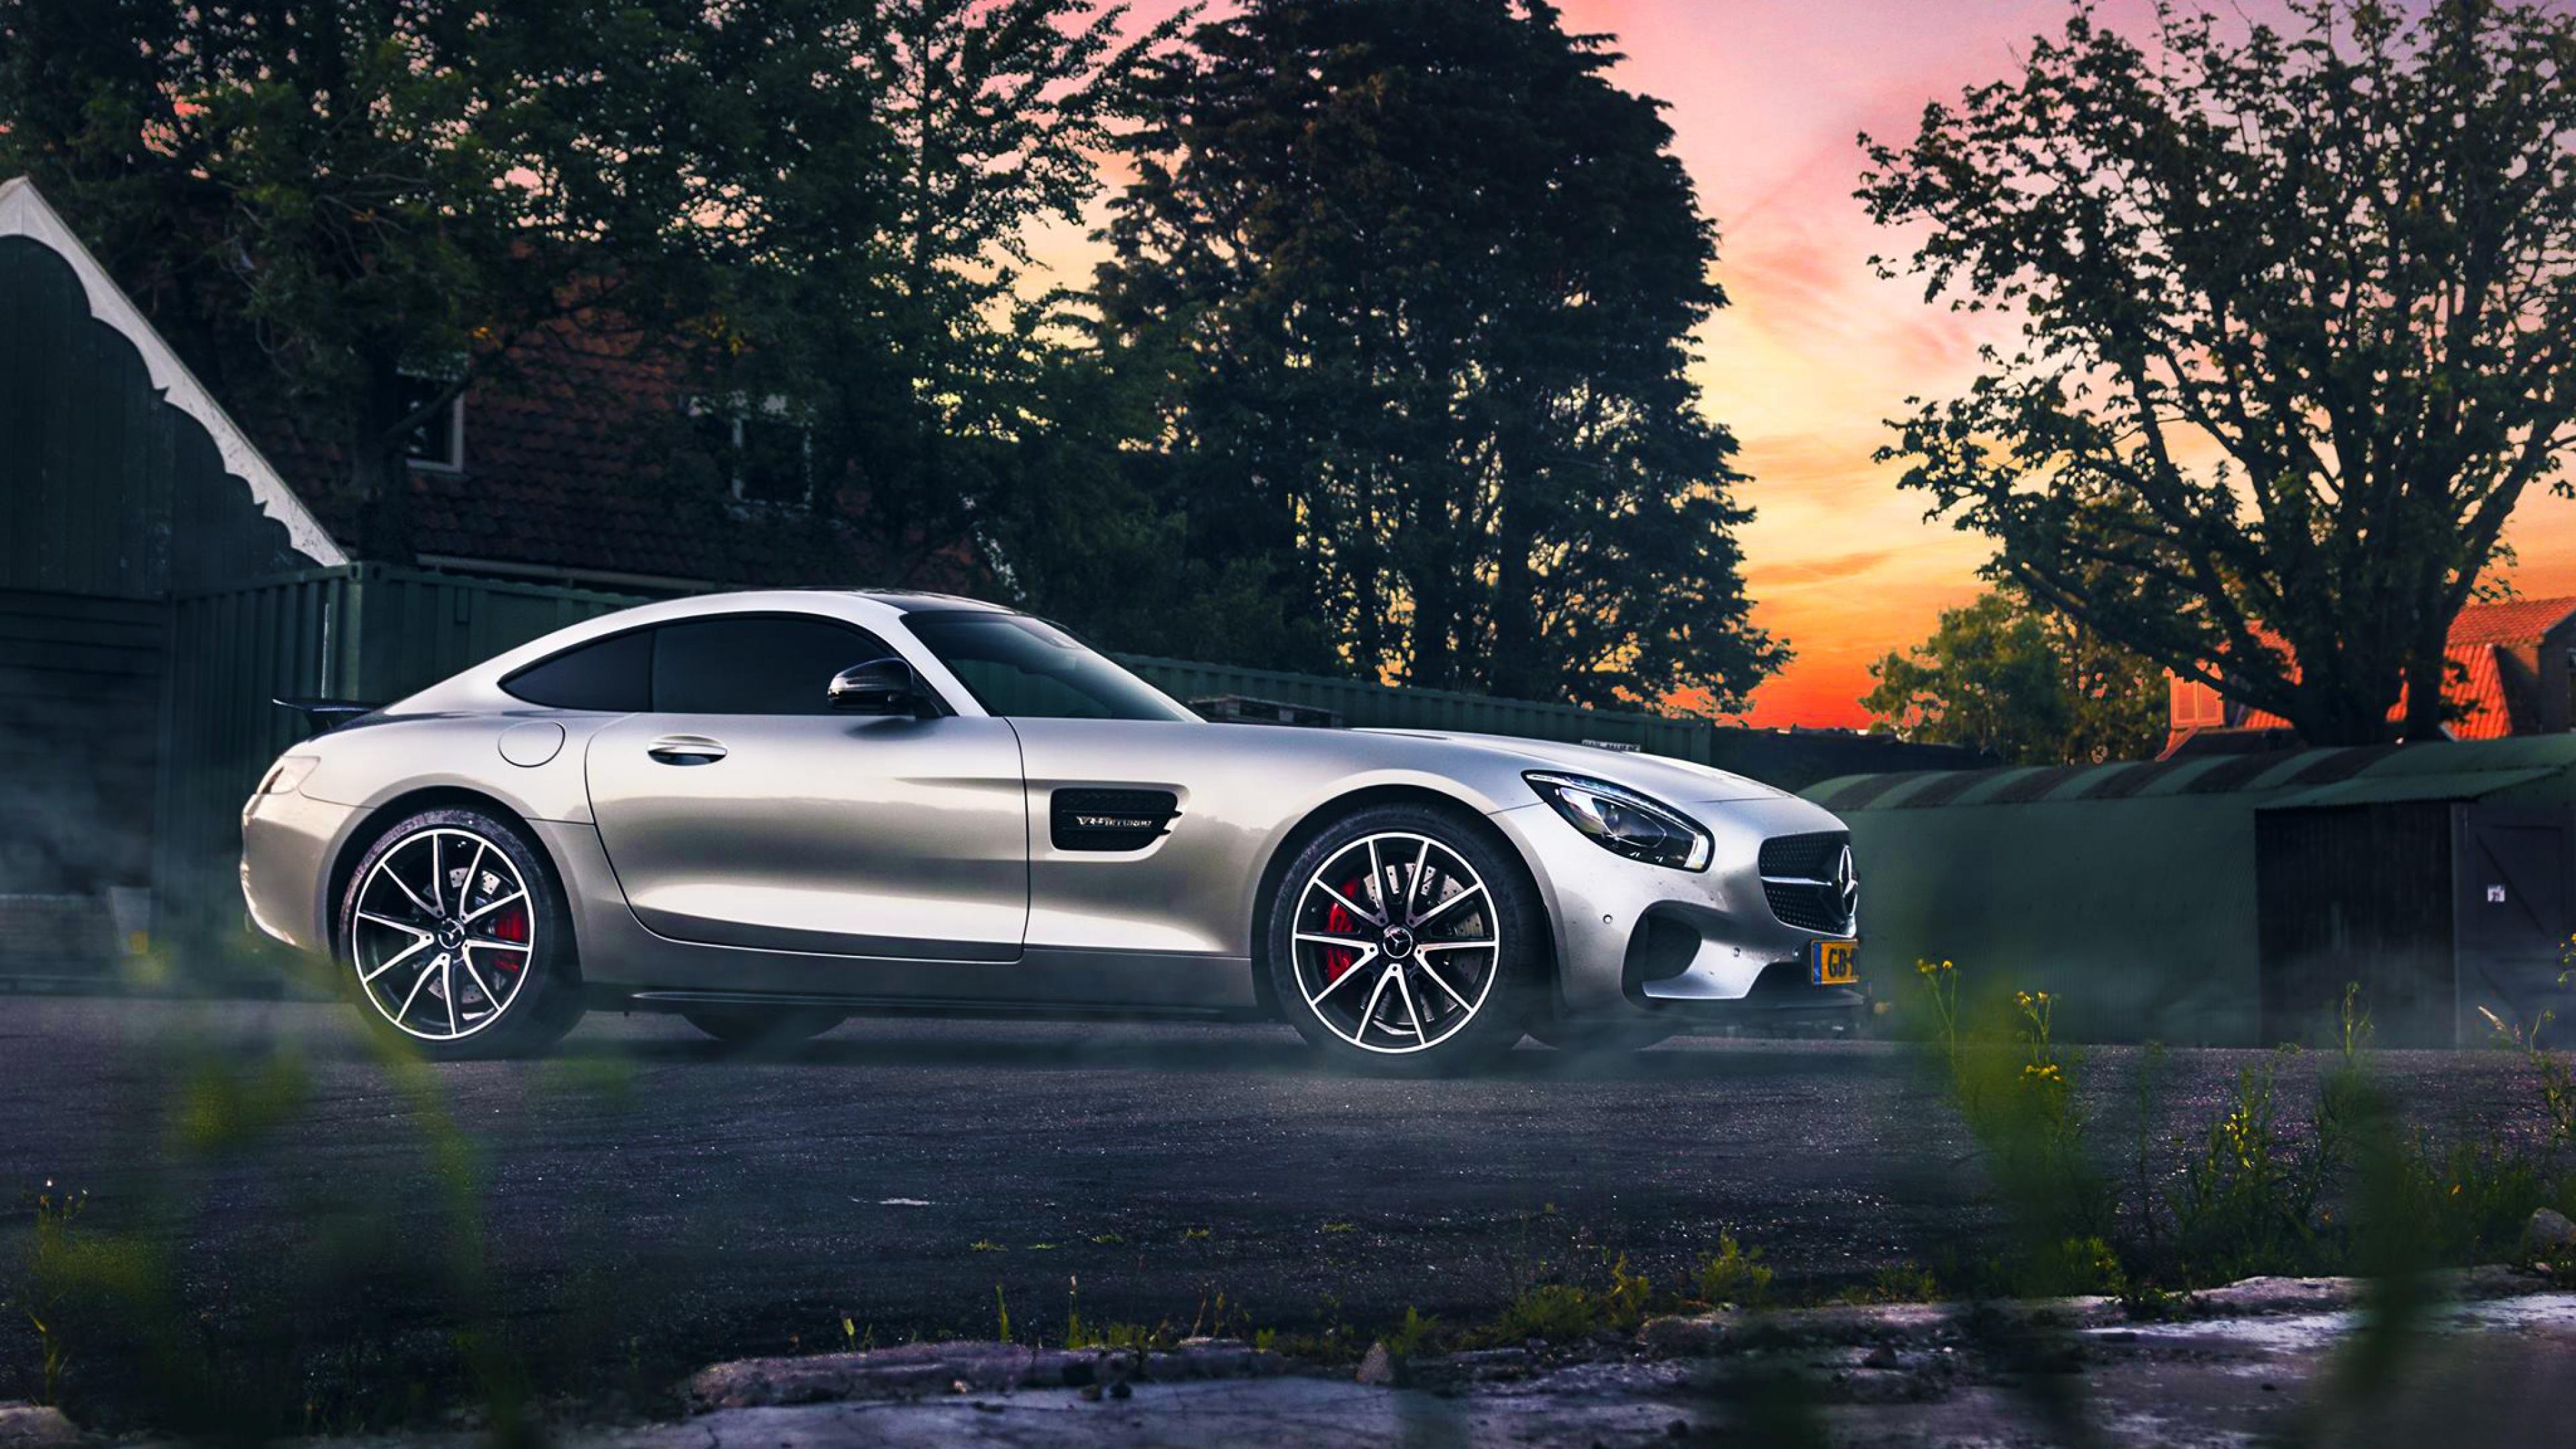 2560x1600 Mercedes Benz Amg Silver 2560x1600 Resolution HD ...